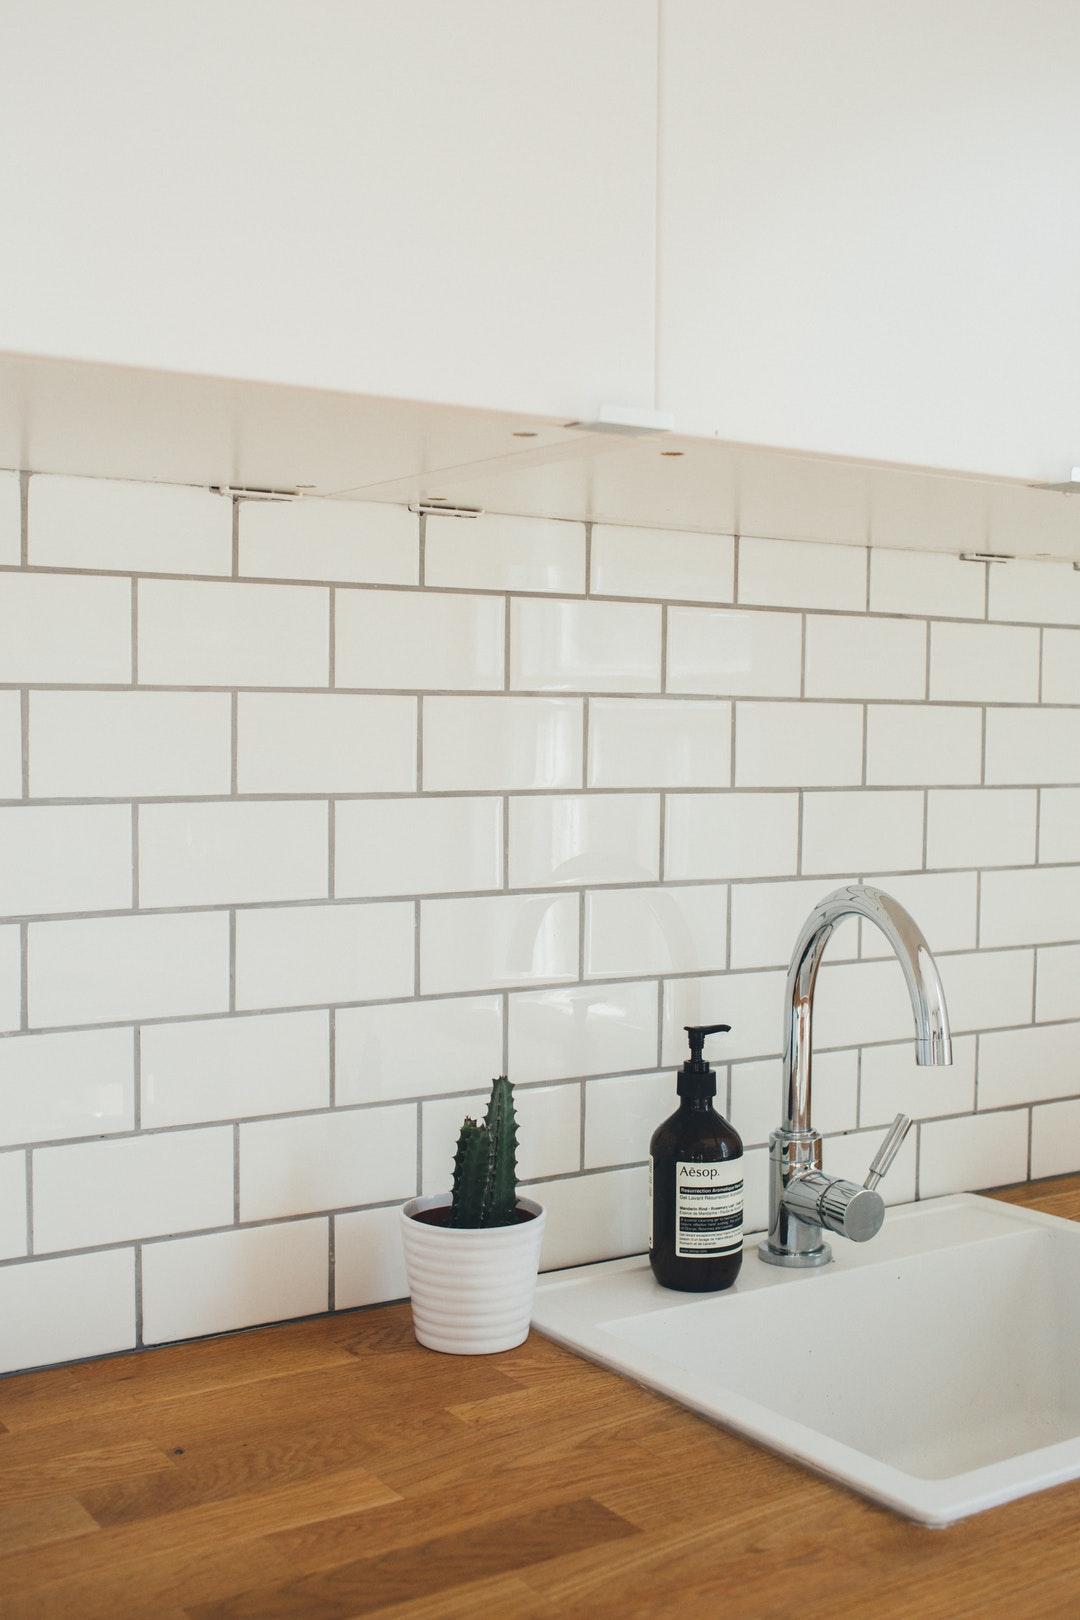 Choosing Backsplash Tiles for Your Kitchen or Bathroom